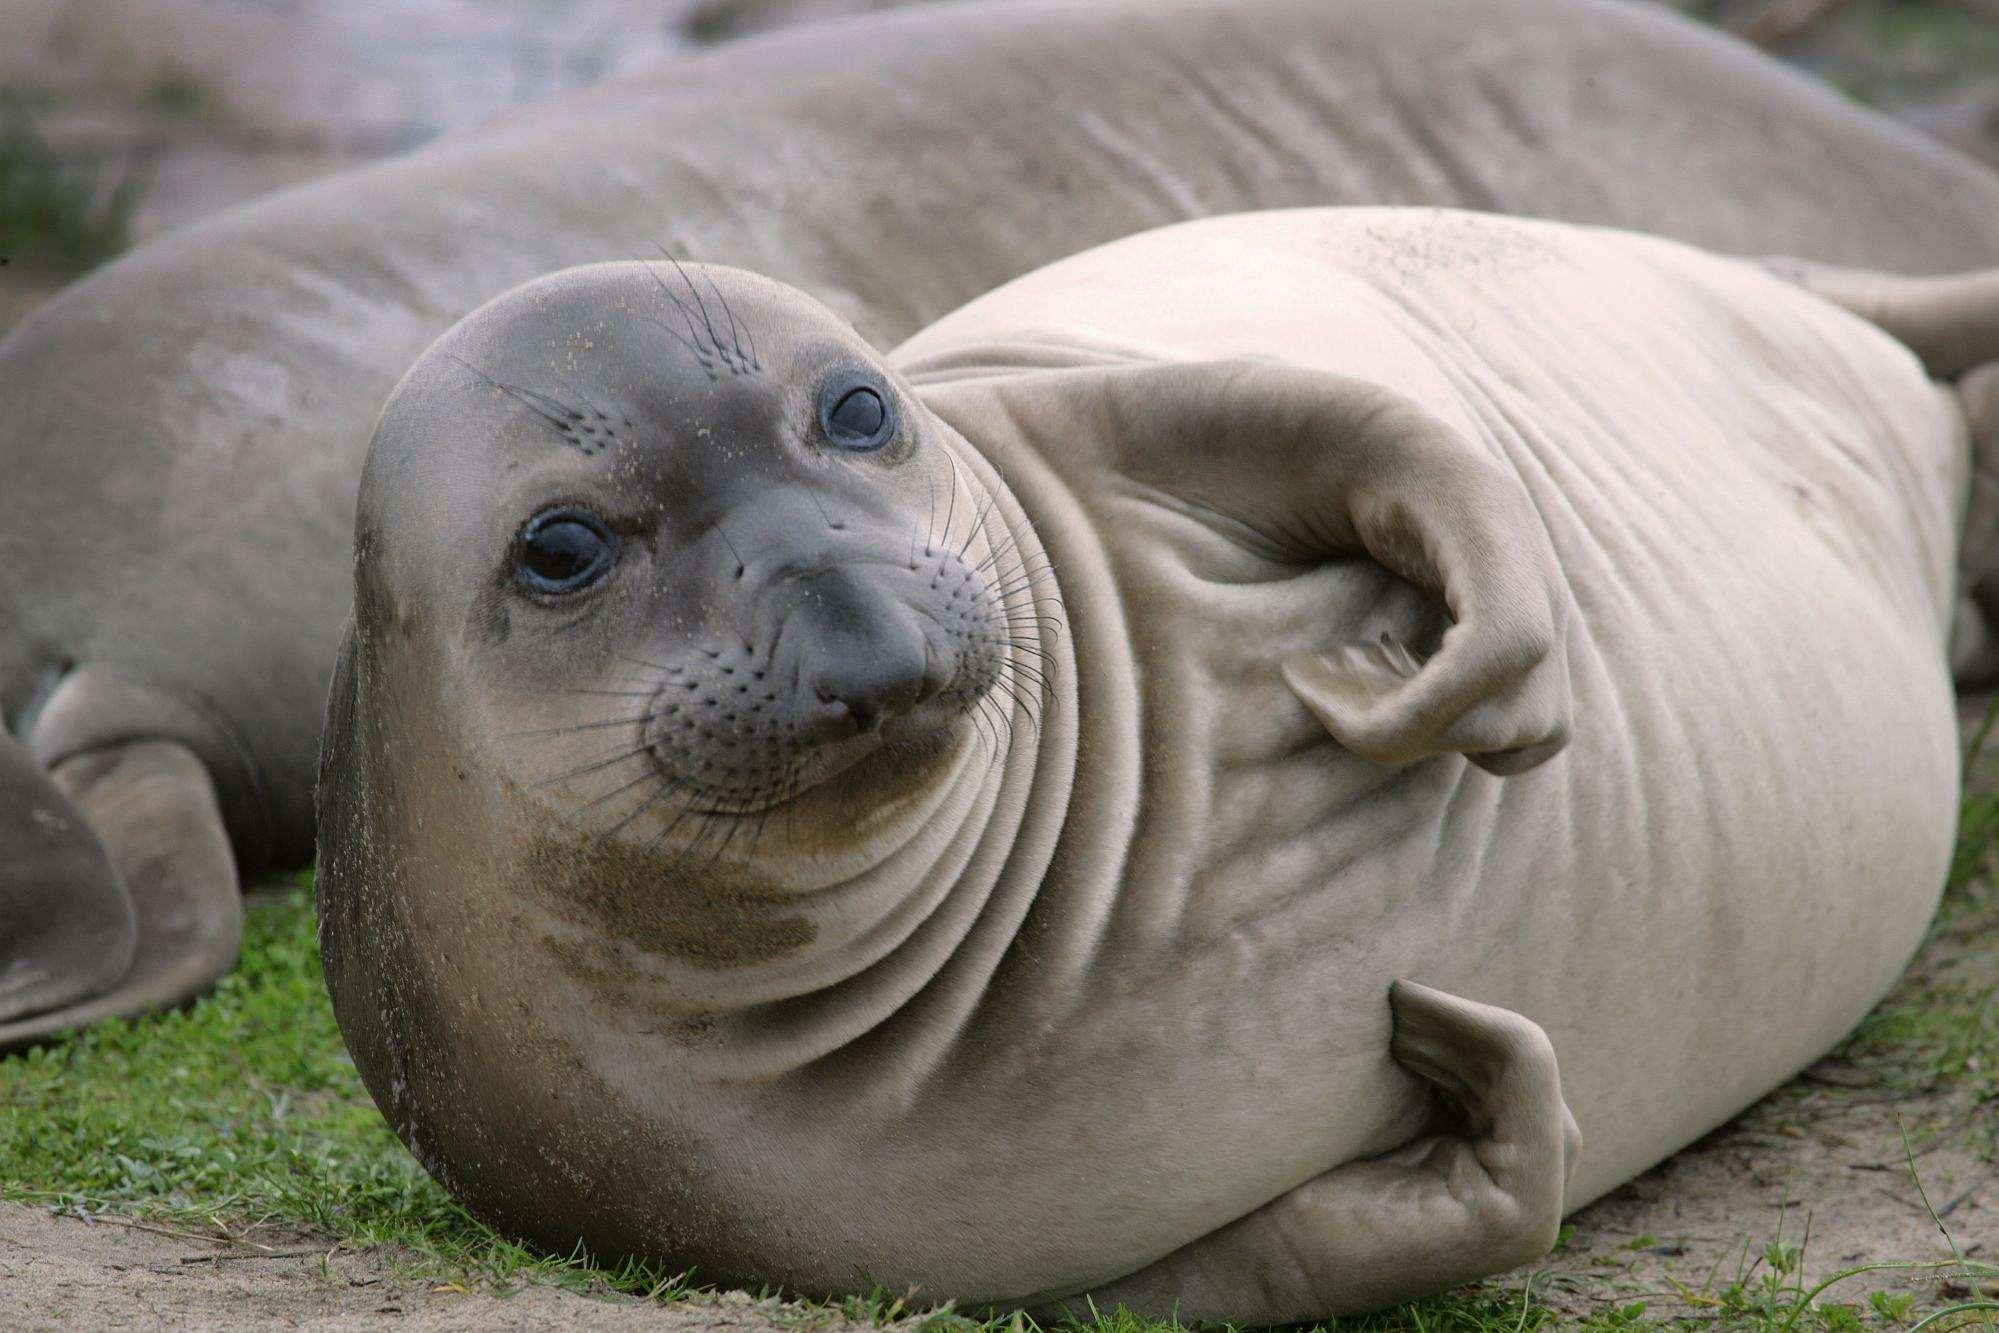 Морской слон (Mirounga), фото морские млекопитающие фотография